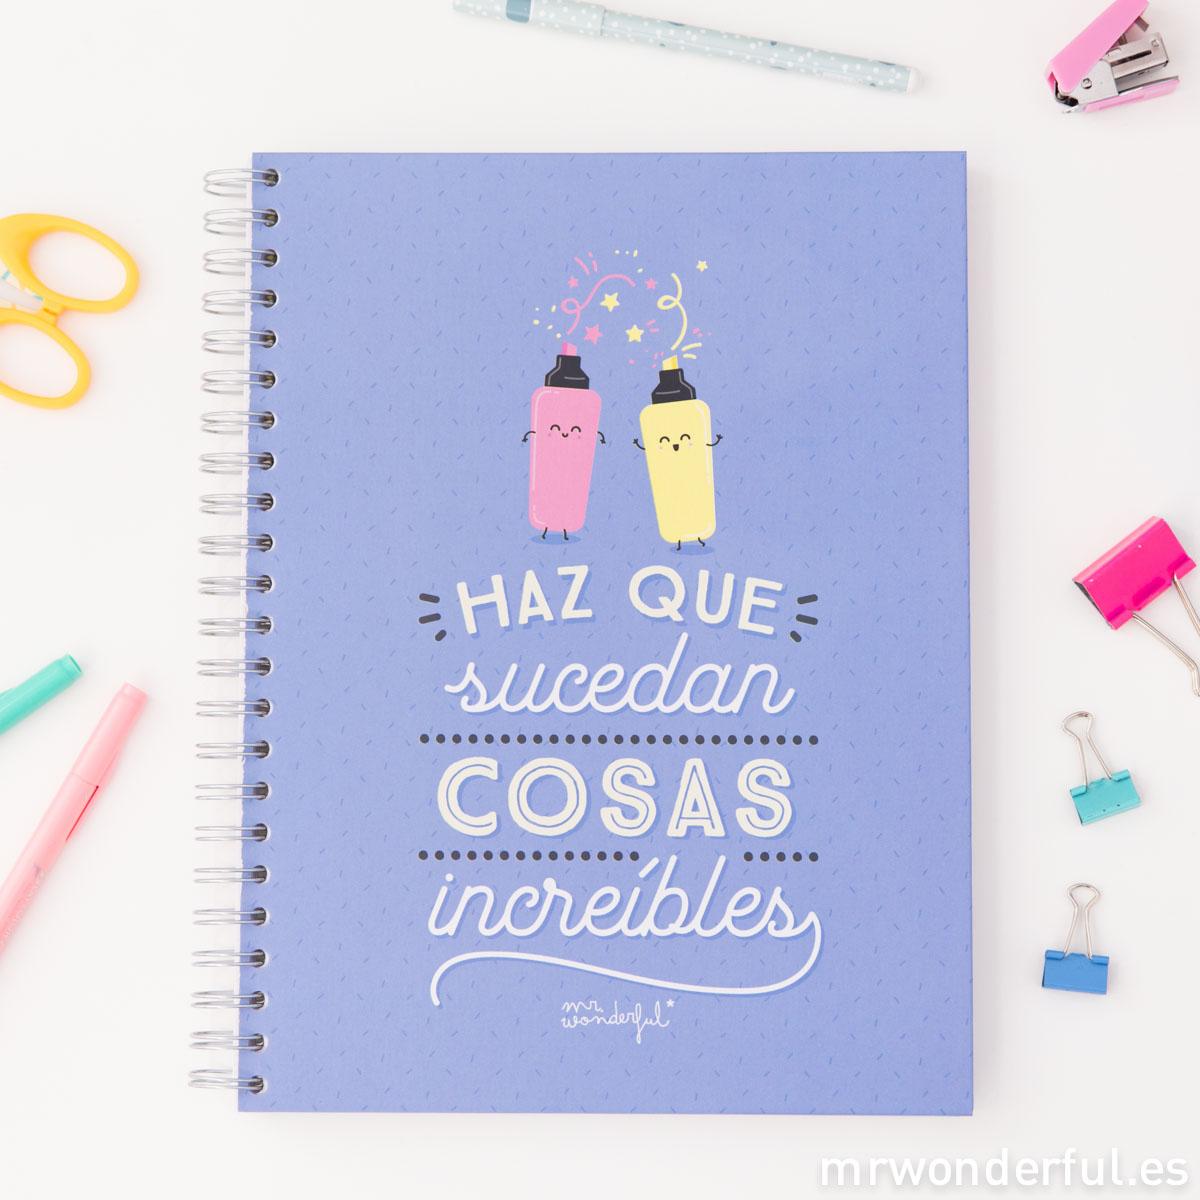 mrwonderful_8435460707480_WOA03712ES_libreta-grande_haz-que-sucedan-cosas-increibles_CAST-2